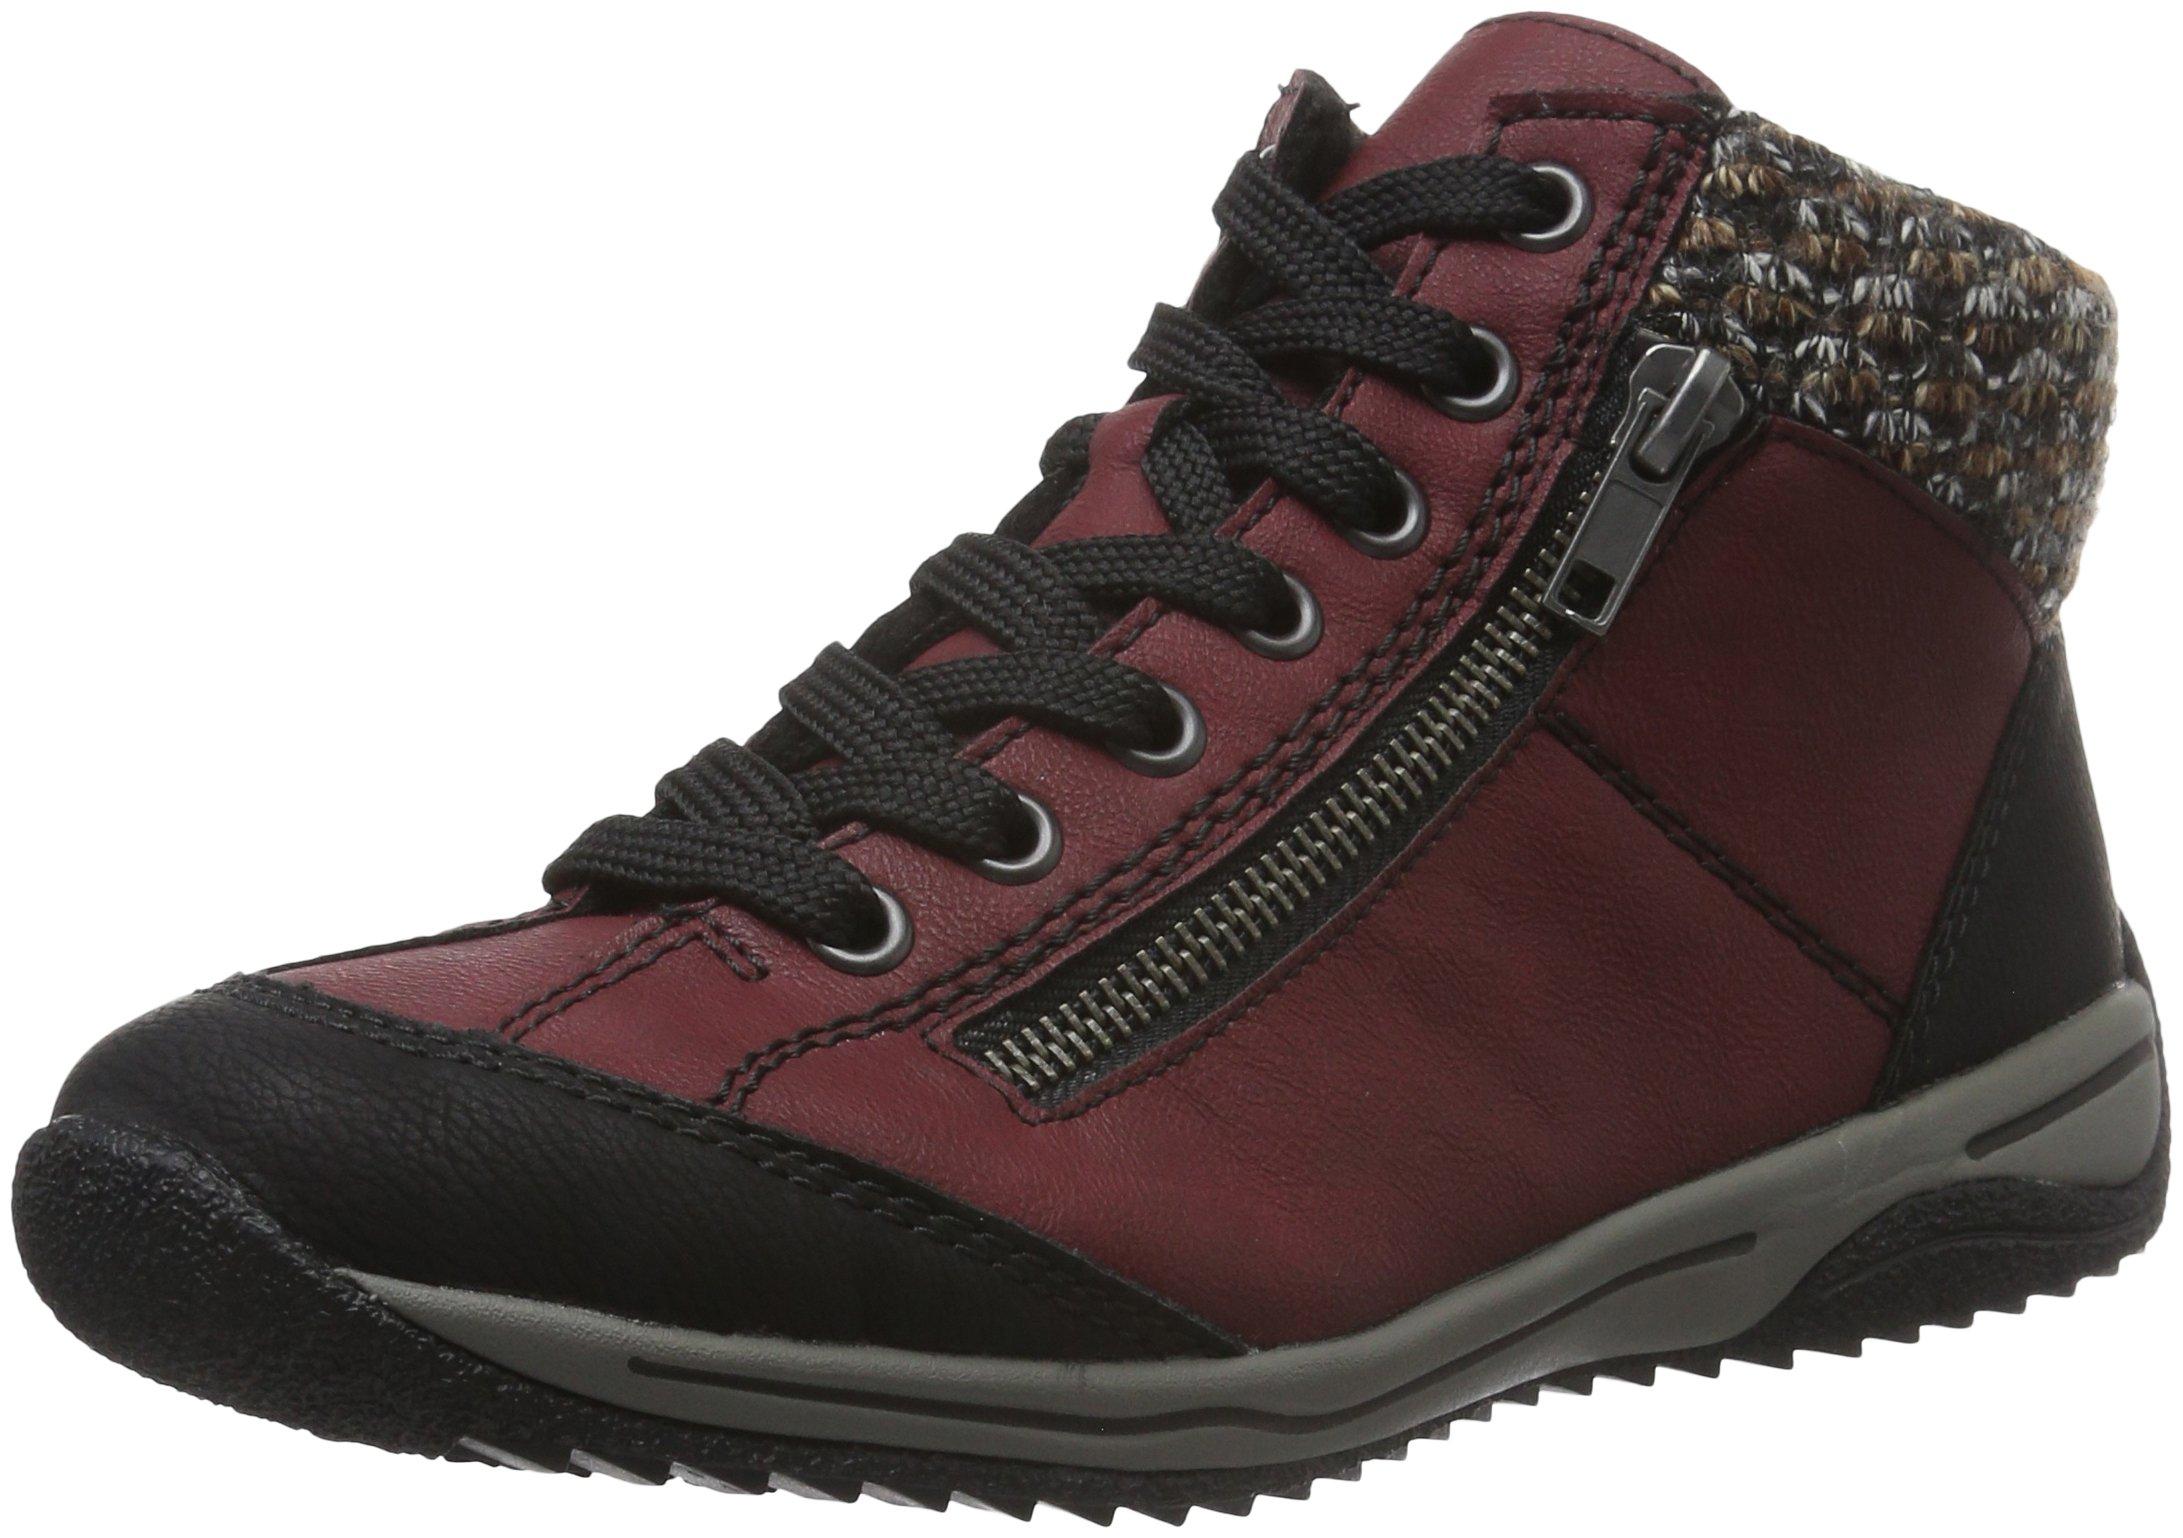 ff6570aaa13046 Am besten bewertete Produkte in der Kategorie Stiefel und ...